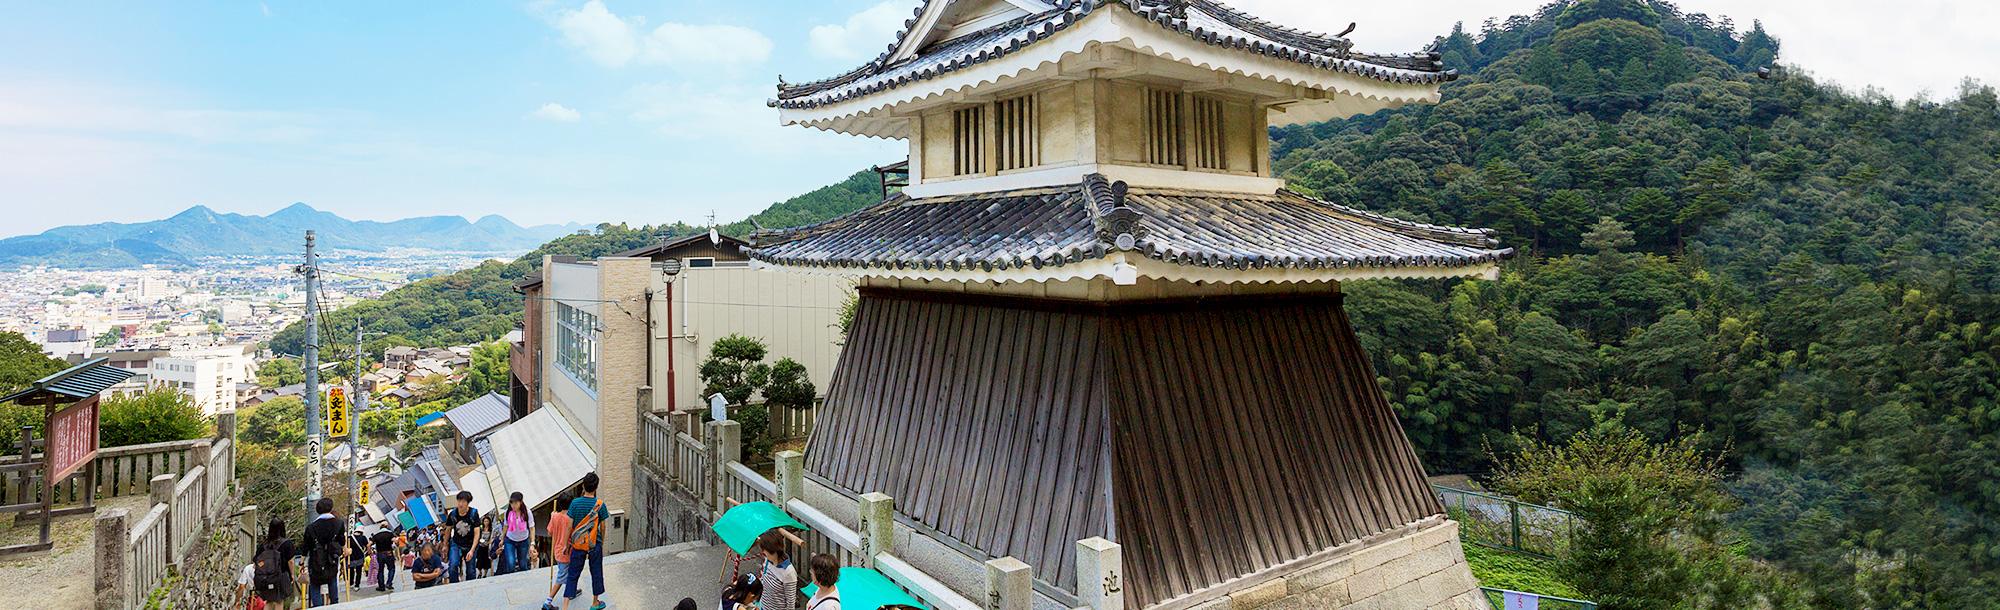 香川県観光